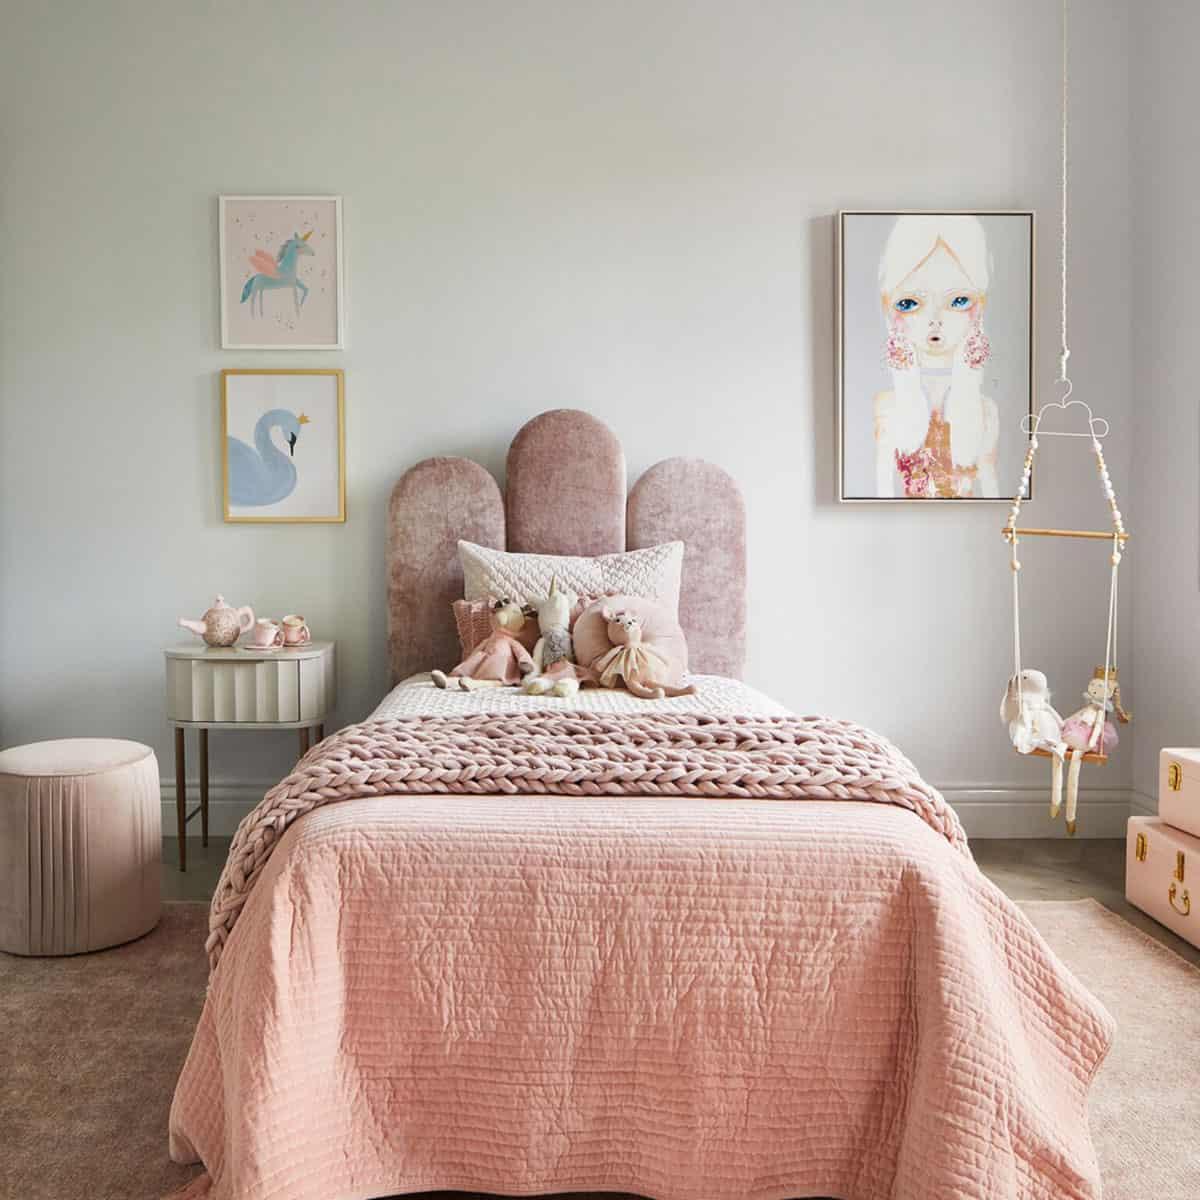 Heatherly design Poppy Bedhead in Bec Judd's daughter's bedroom